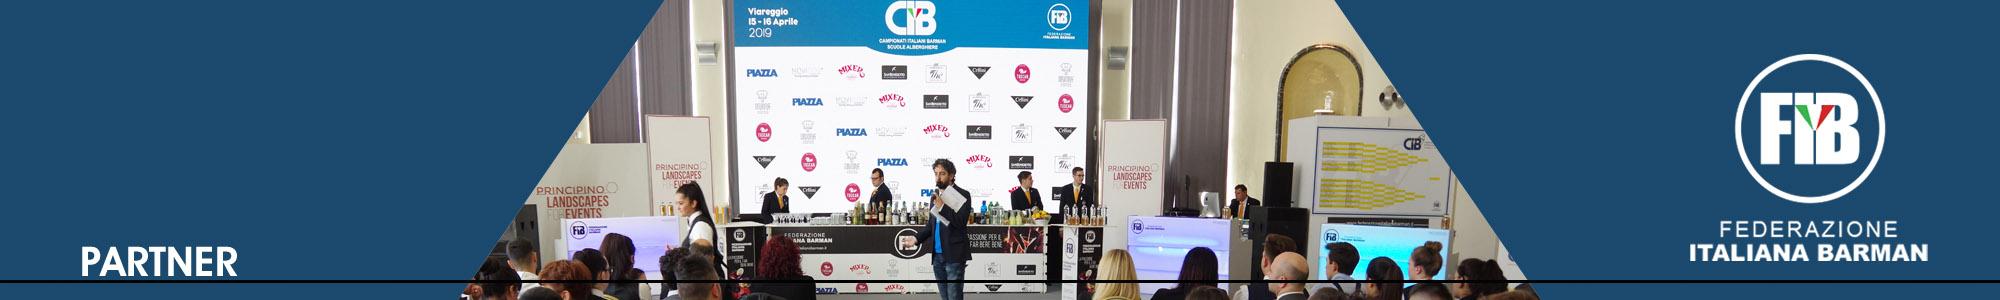 Partner Federazione Italiana Barman